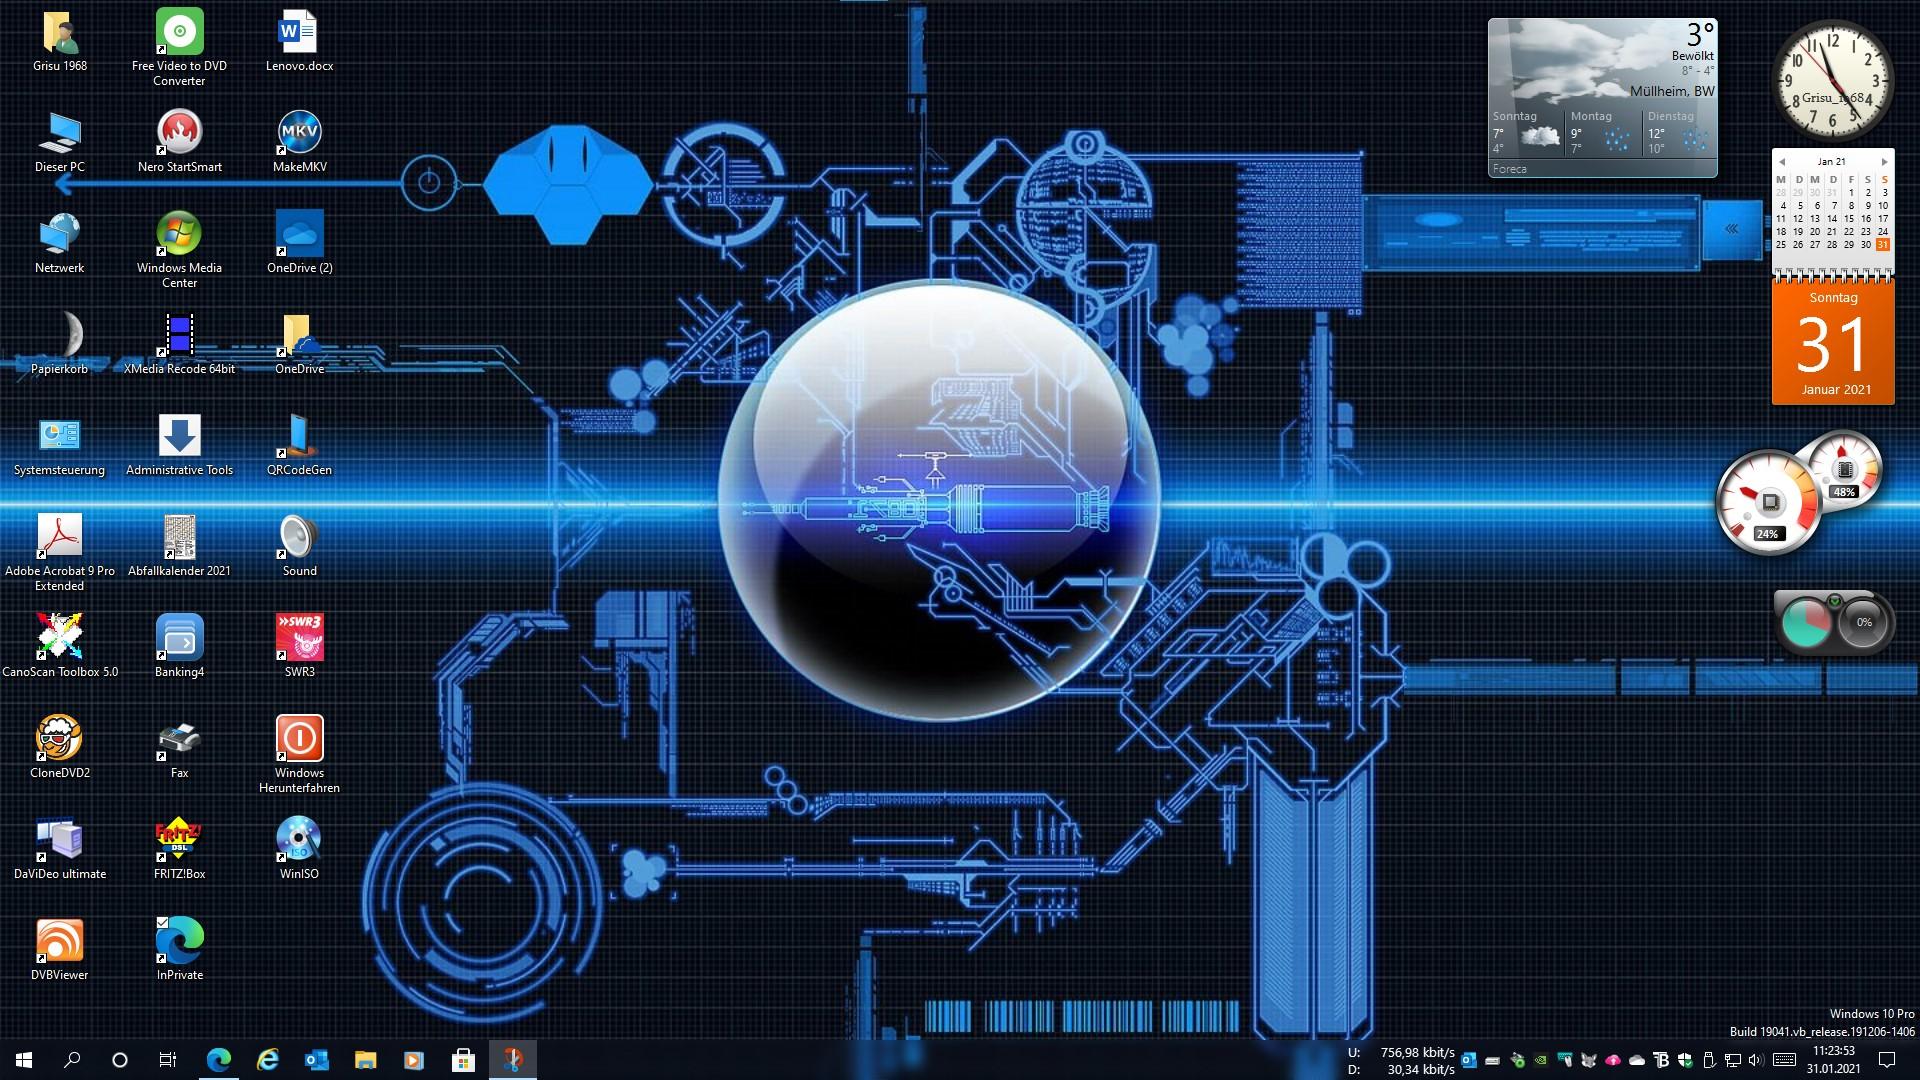 Screenshot 2021-01-31 112427.jpg